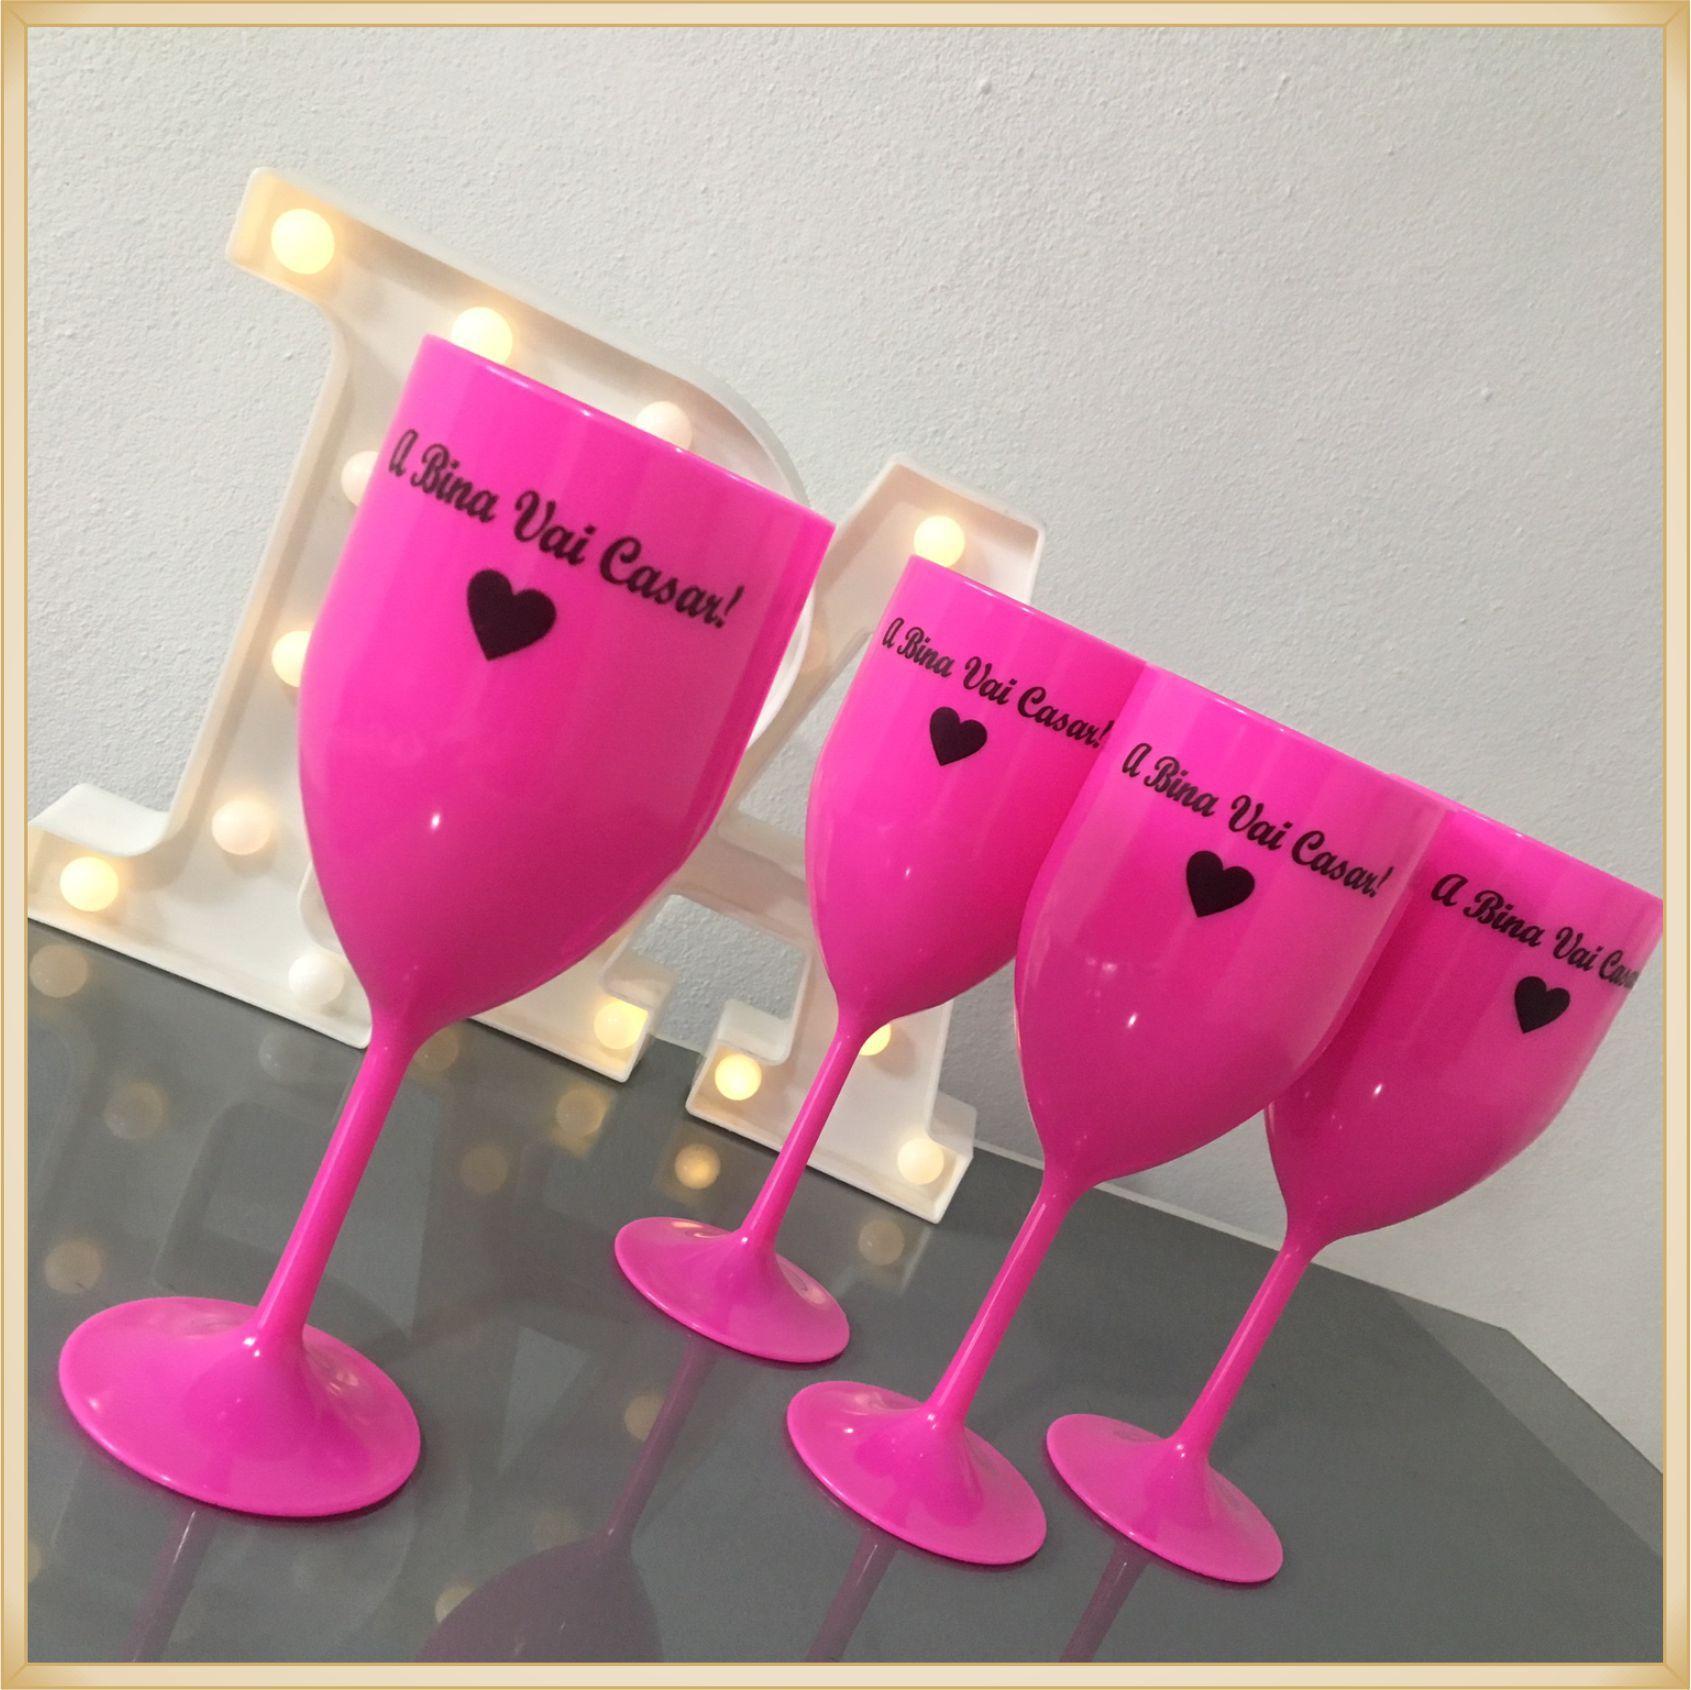 Taças de vinho acrílico Personalizadas - estampas de qualidade, brilhante e durável, acabamento perfeito, parede de 2,0 mm, 350 ml. kit 40 unidades